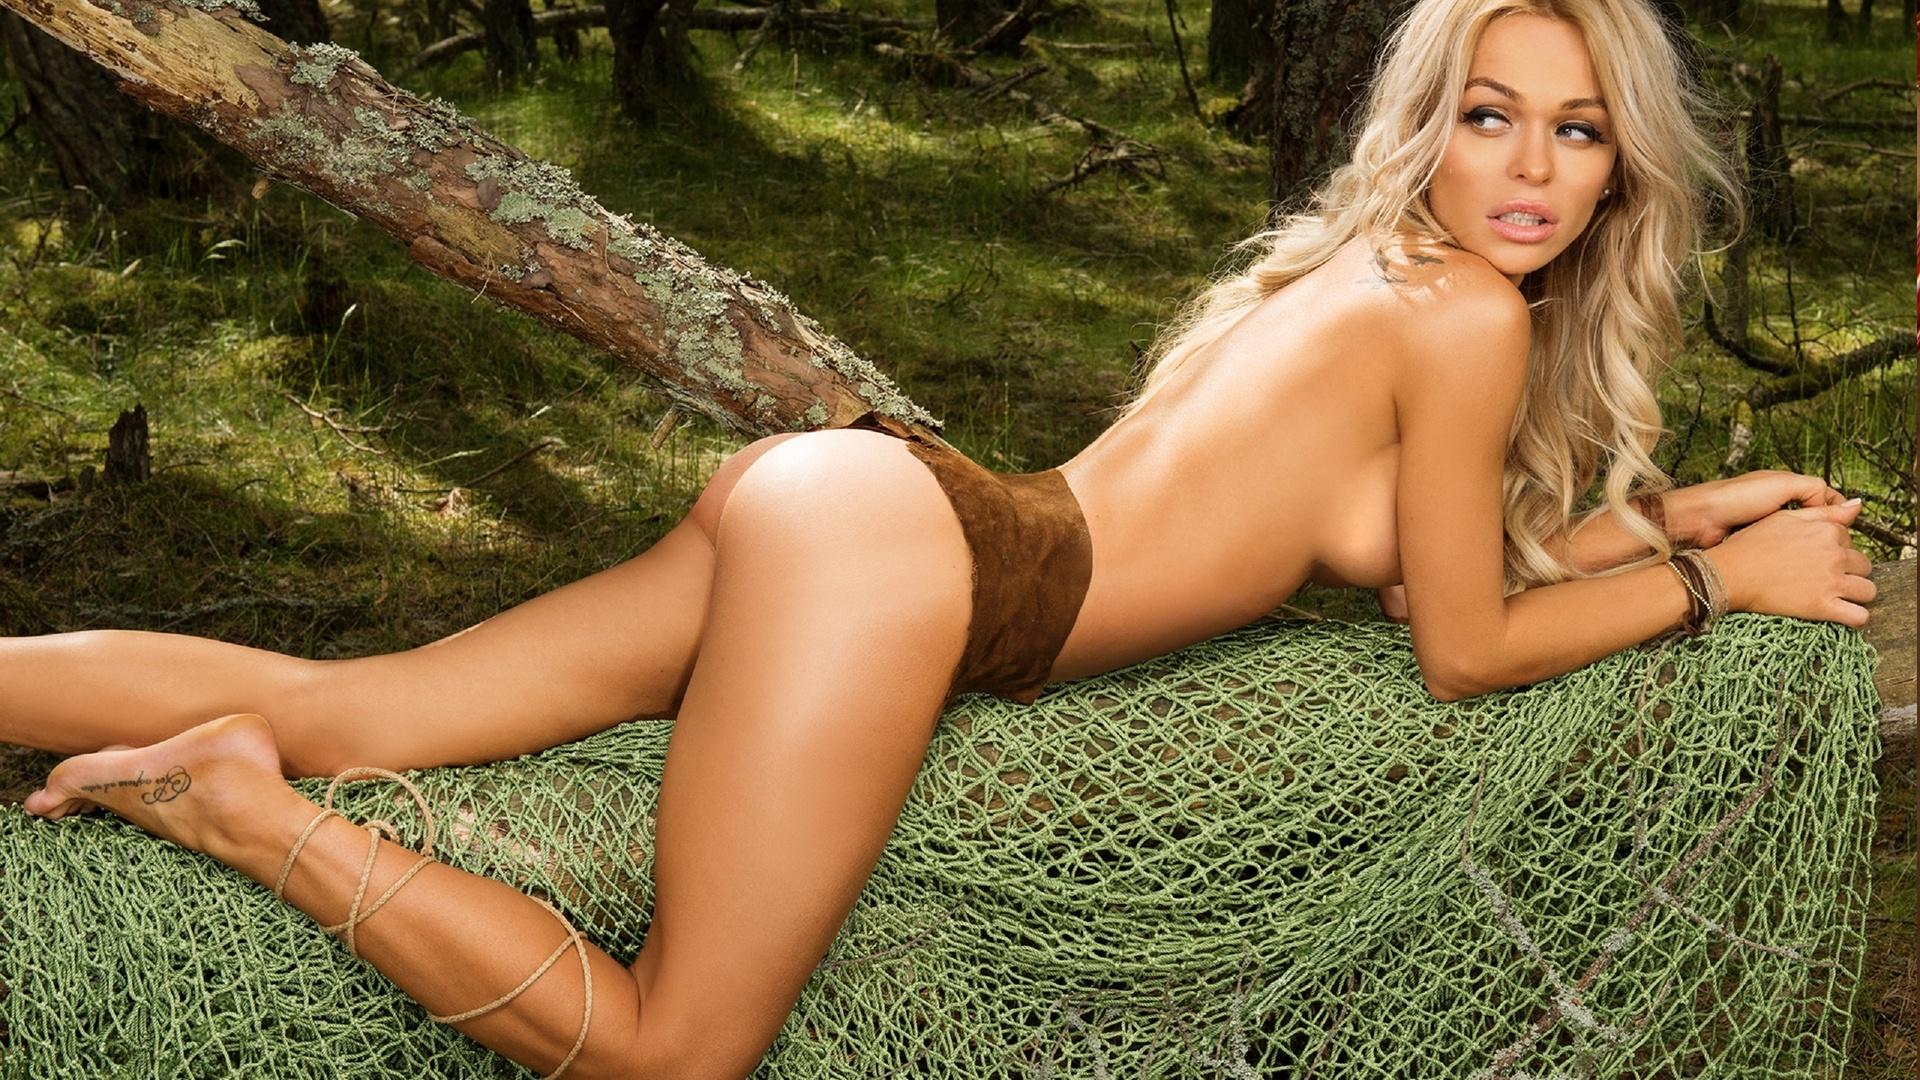 Самые красивые голые артистки, 40 самых сексуальных отечественных актрис (41 фото) 1 фотография